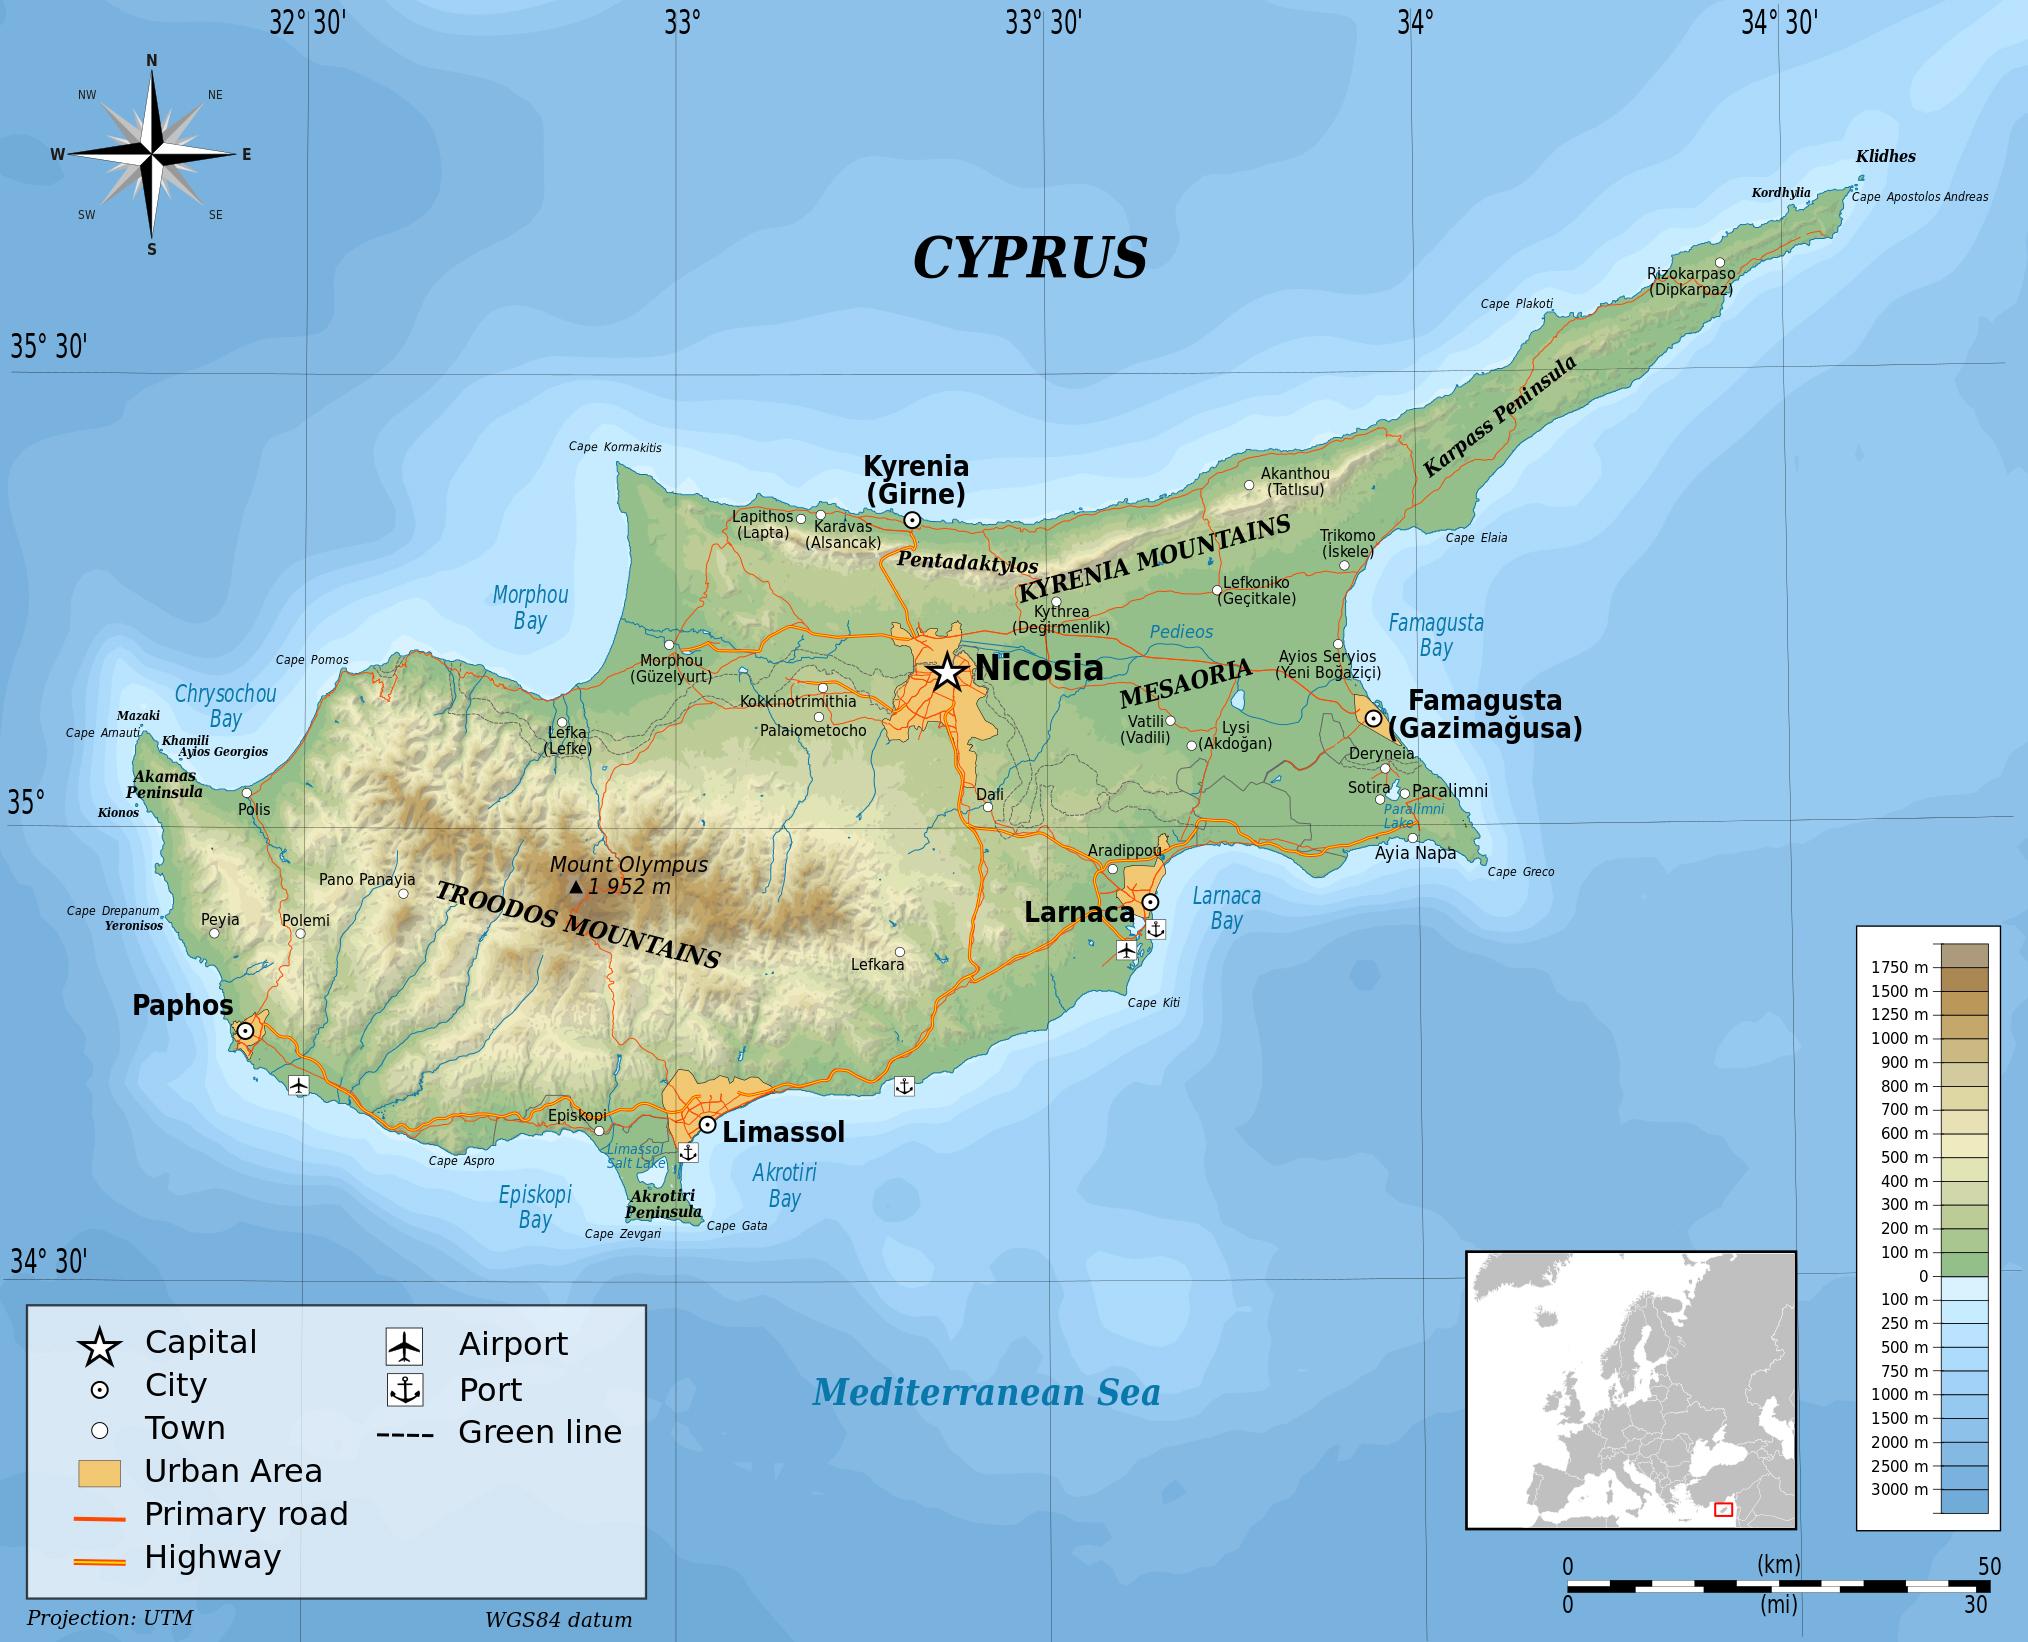 Mape Kipra Moj Kipar Vas Vodic 1 Za Kipar